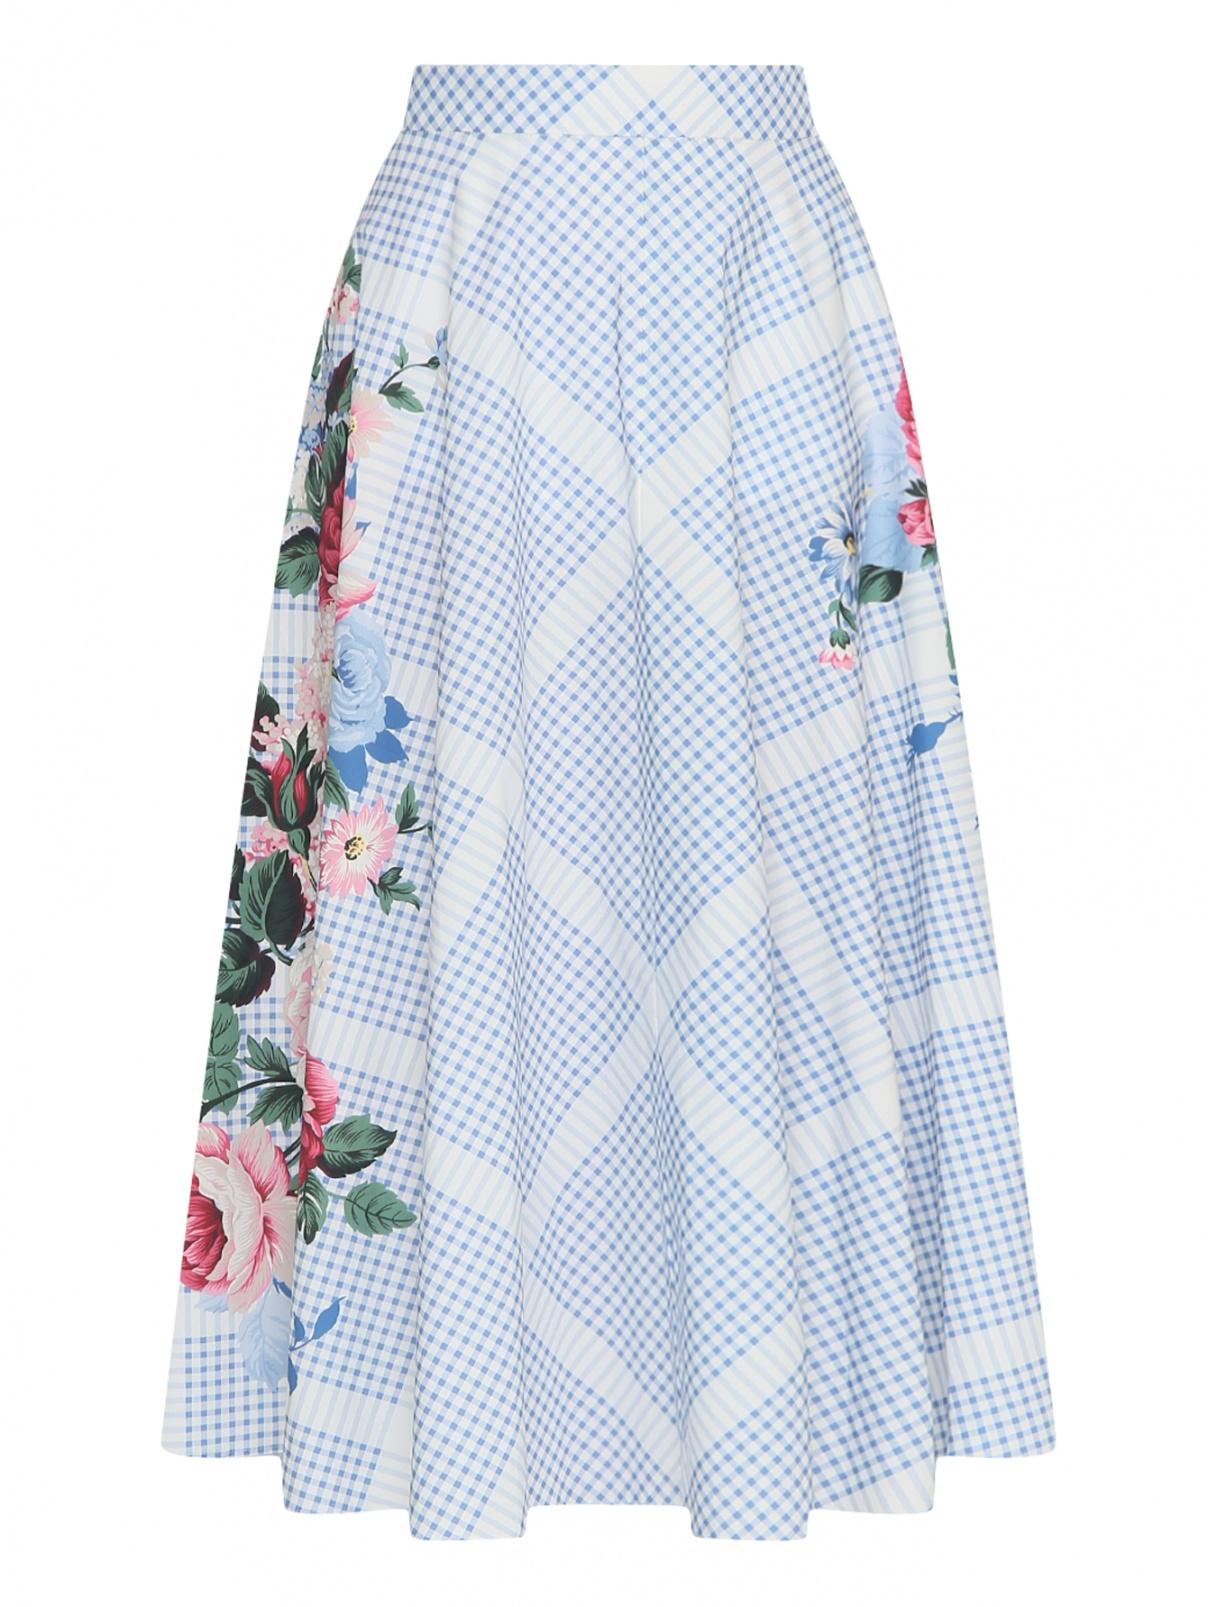 Юбка-миди из хлопка с цветочным узором Weekend Max Mara  –  Общий вид  – Цвет:  Узор